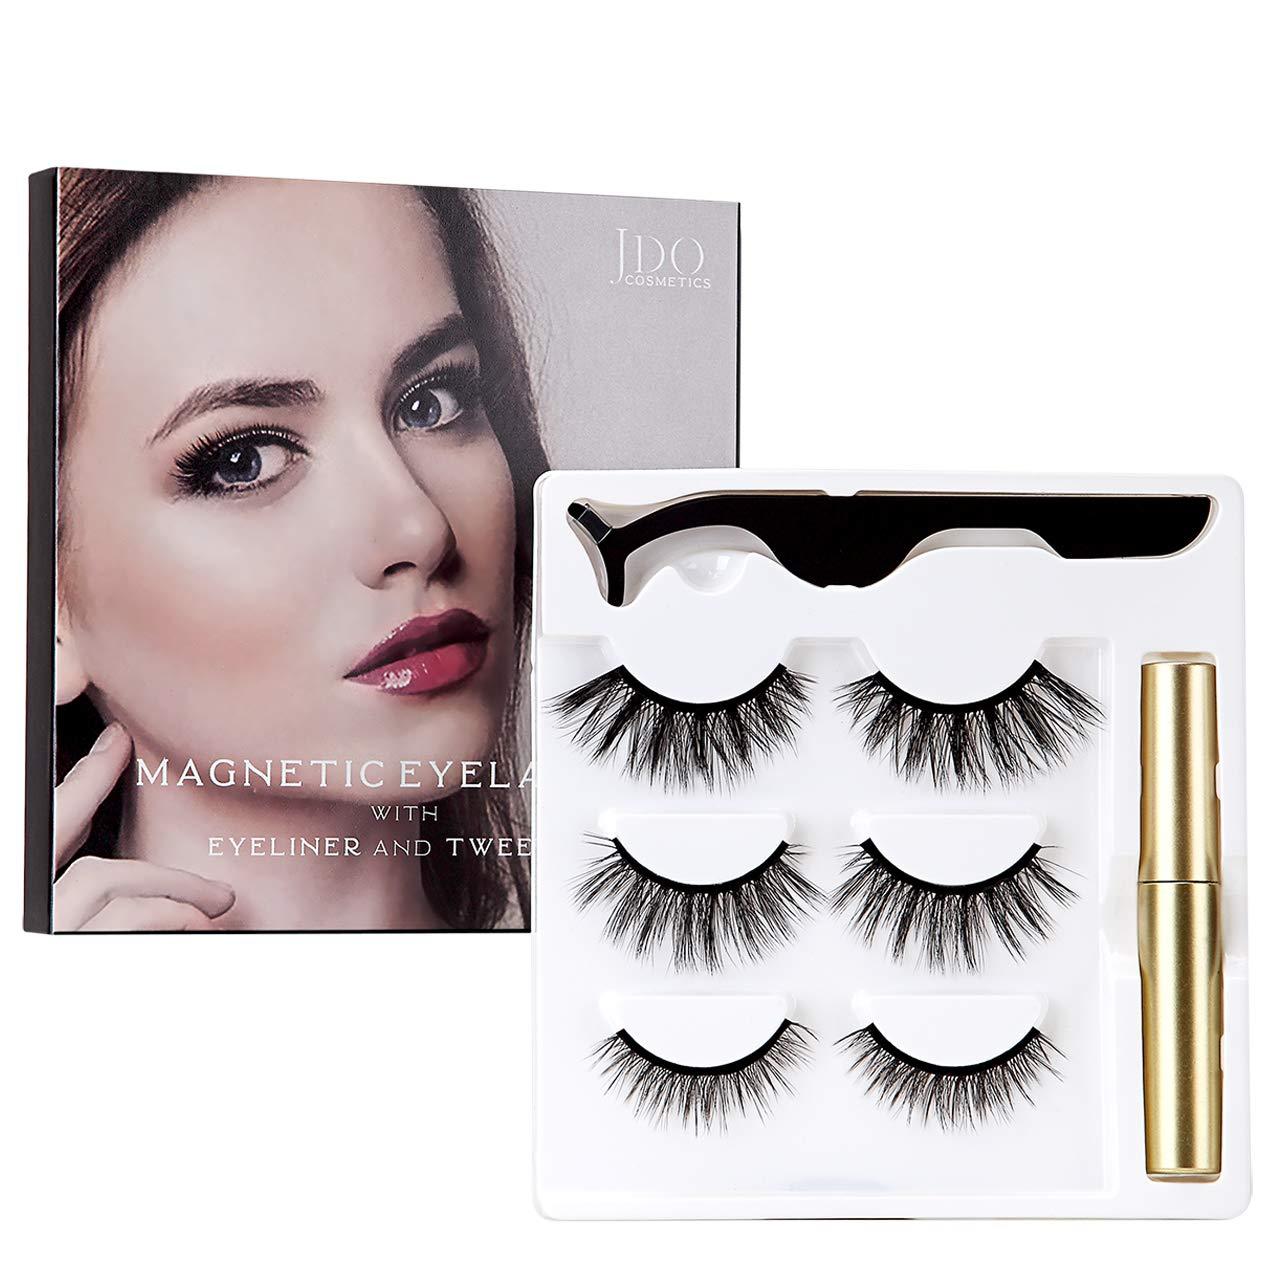 amazon.com - JDO Magnetic Eyelashes with Magnetic Eyeliner 3 Styles False Lashes